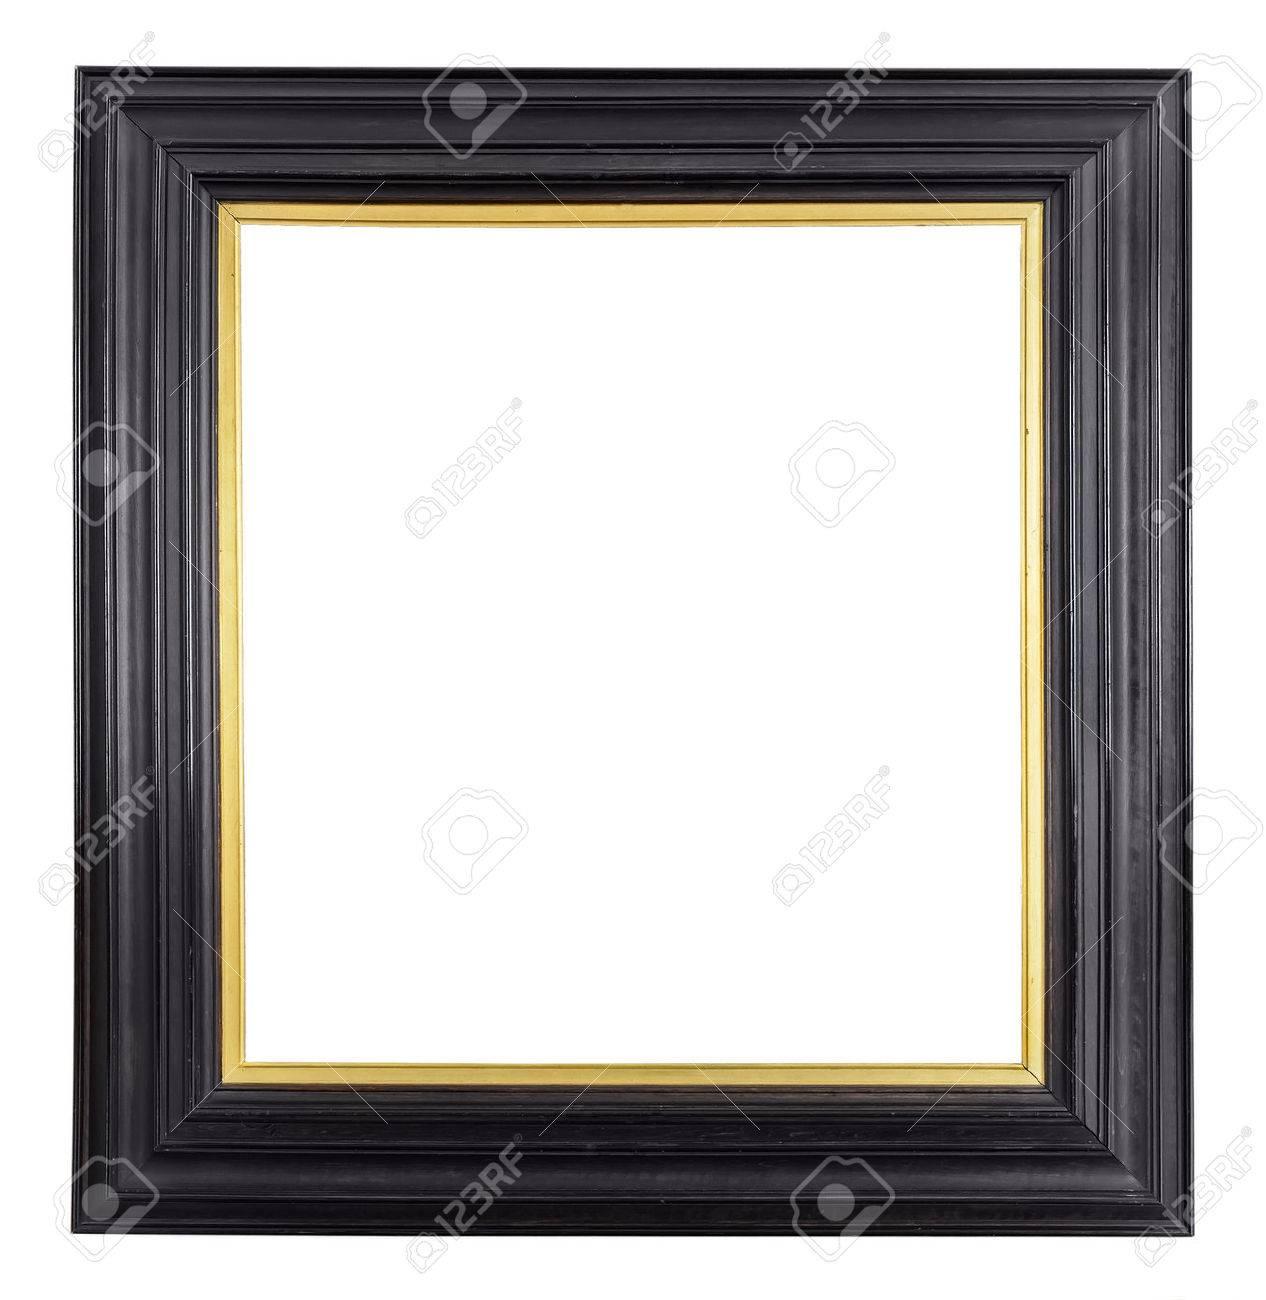 Gold Vintage-Rahmen Auf Weißem Hintergrund Lizenzfreie Fotos, Bilder ...